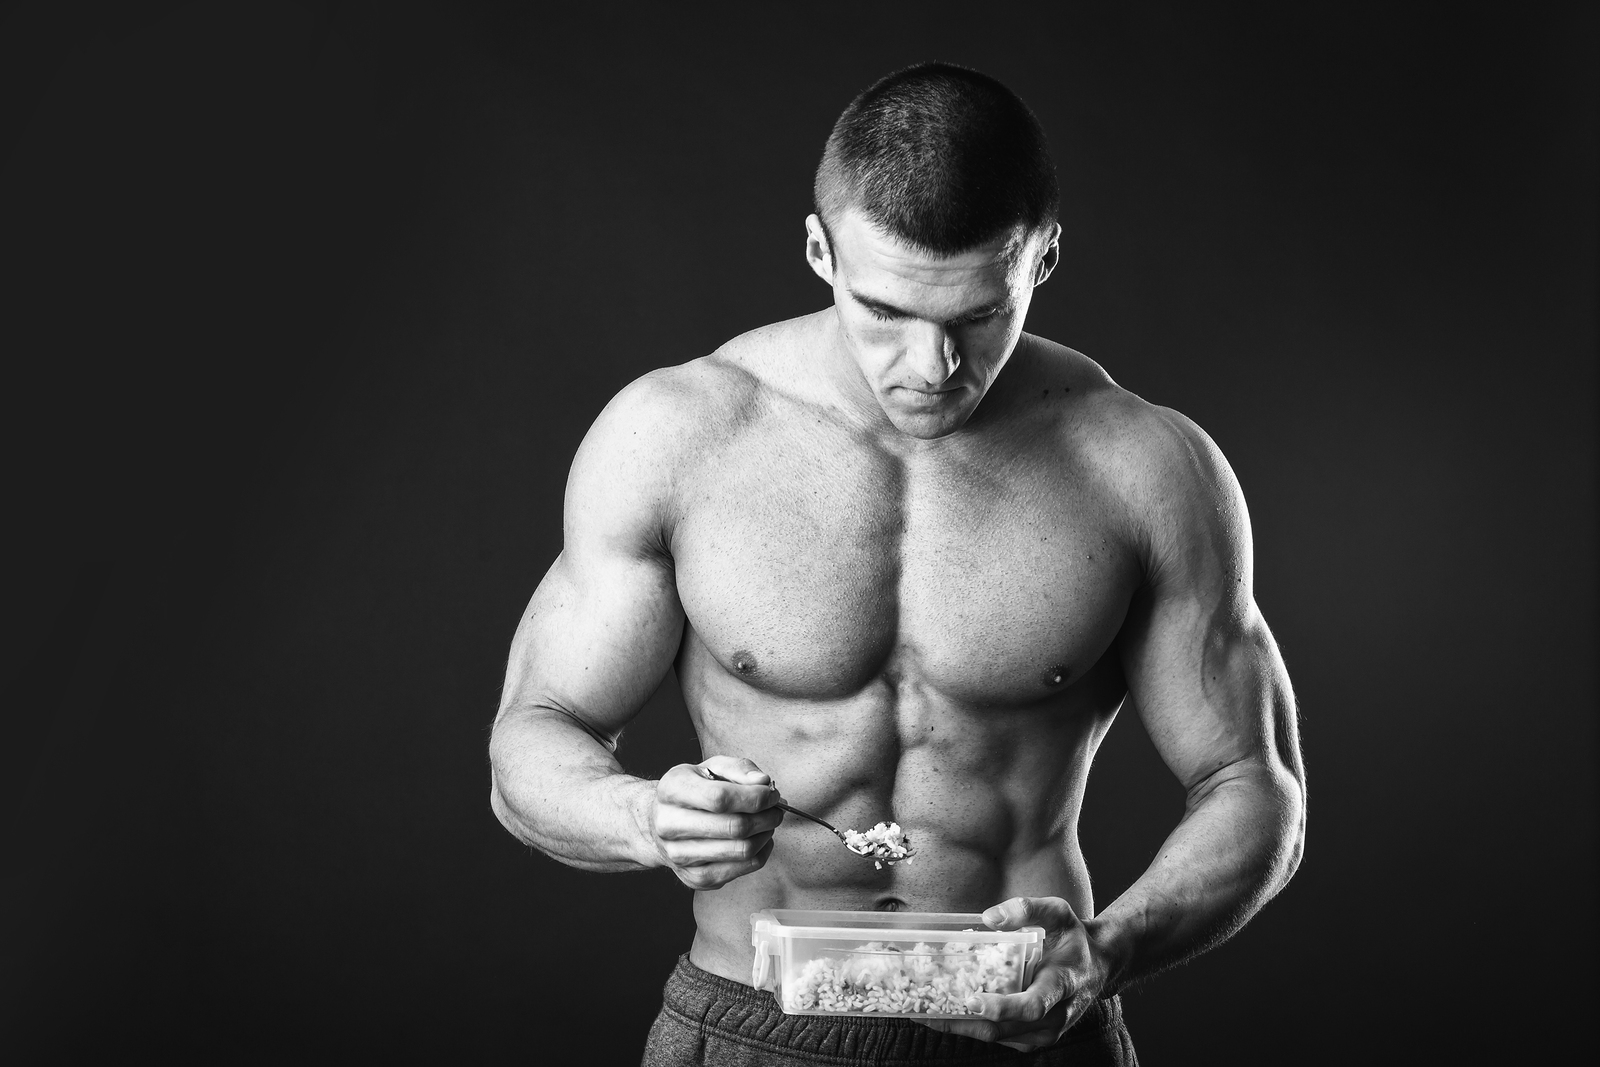 suplementy+na+masę+mięśniową